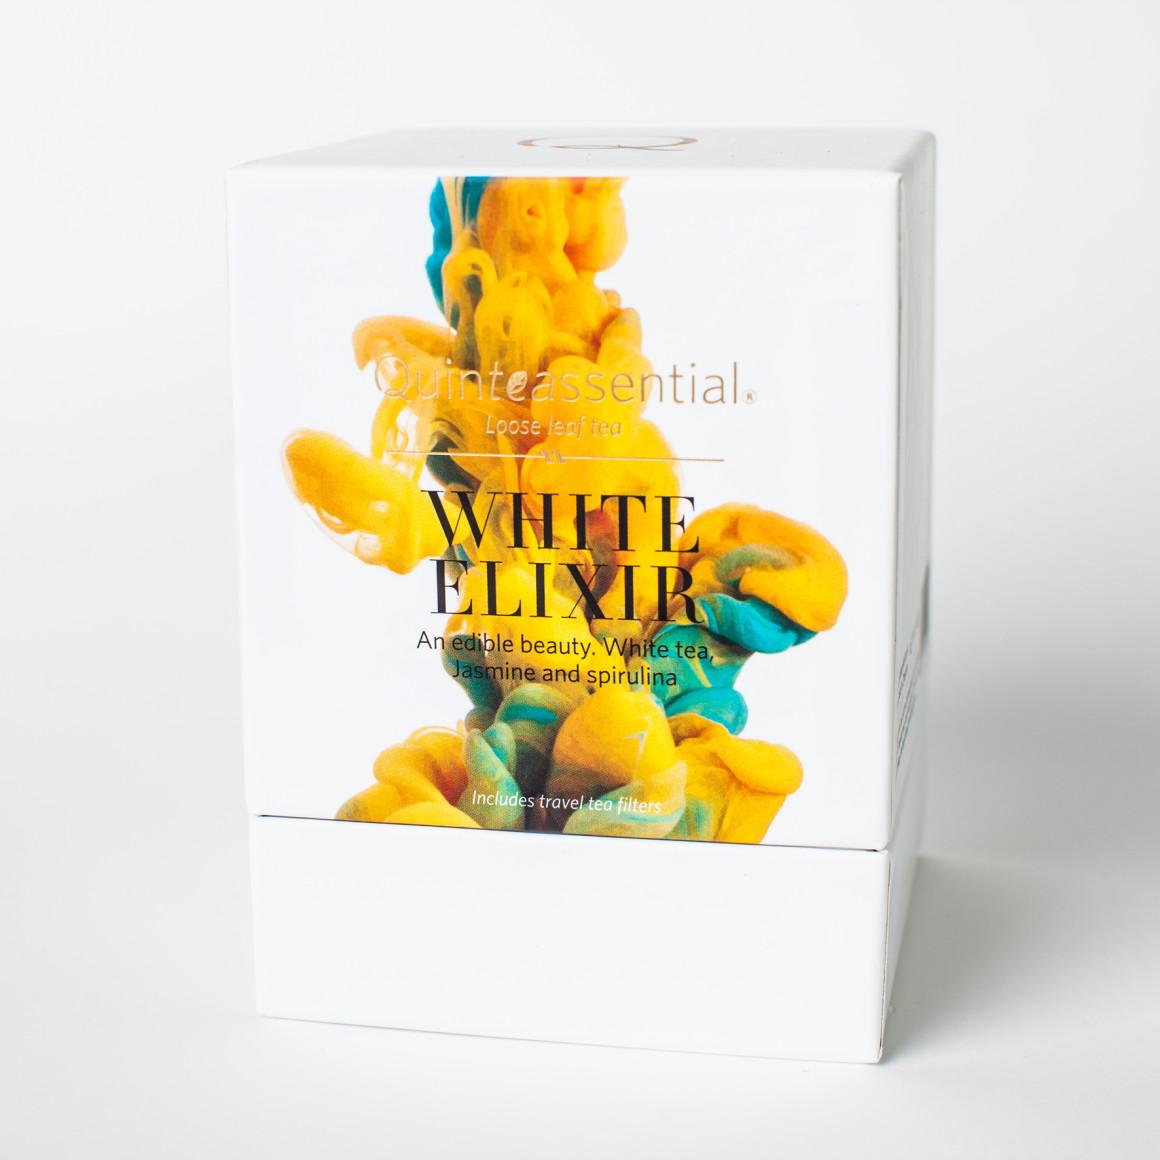 box_whitelixir_SMALL